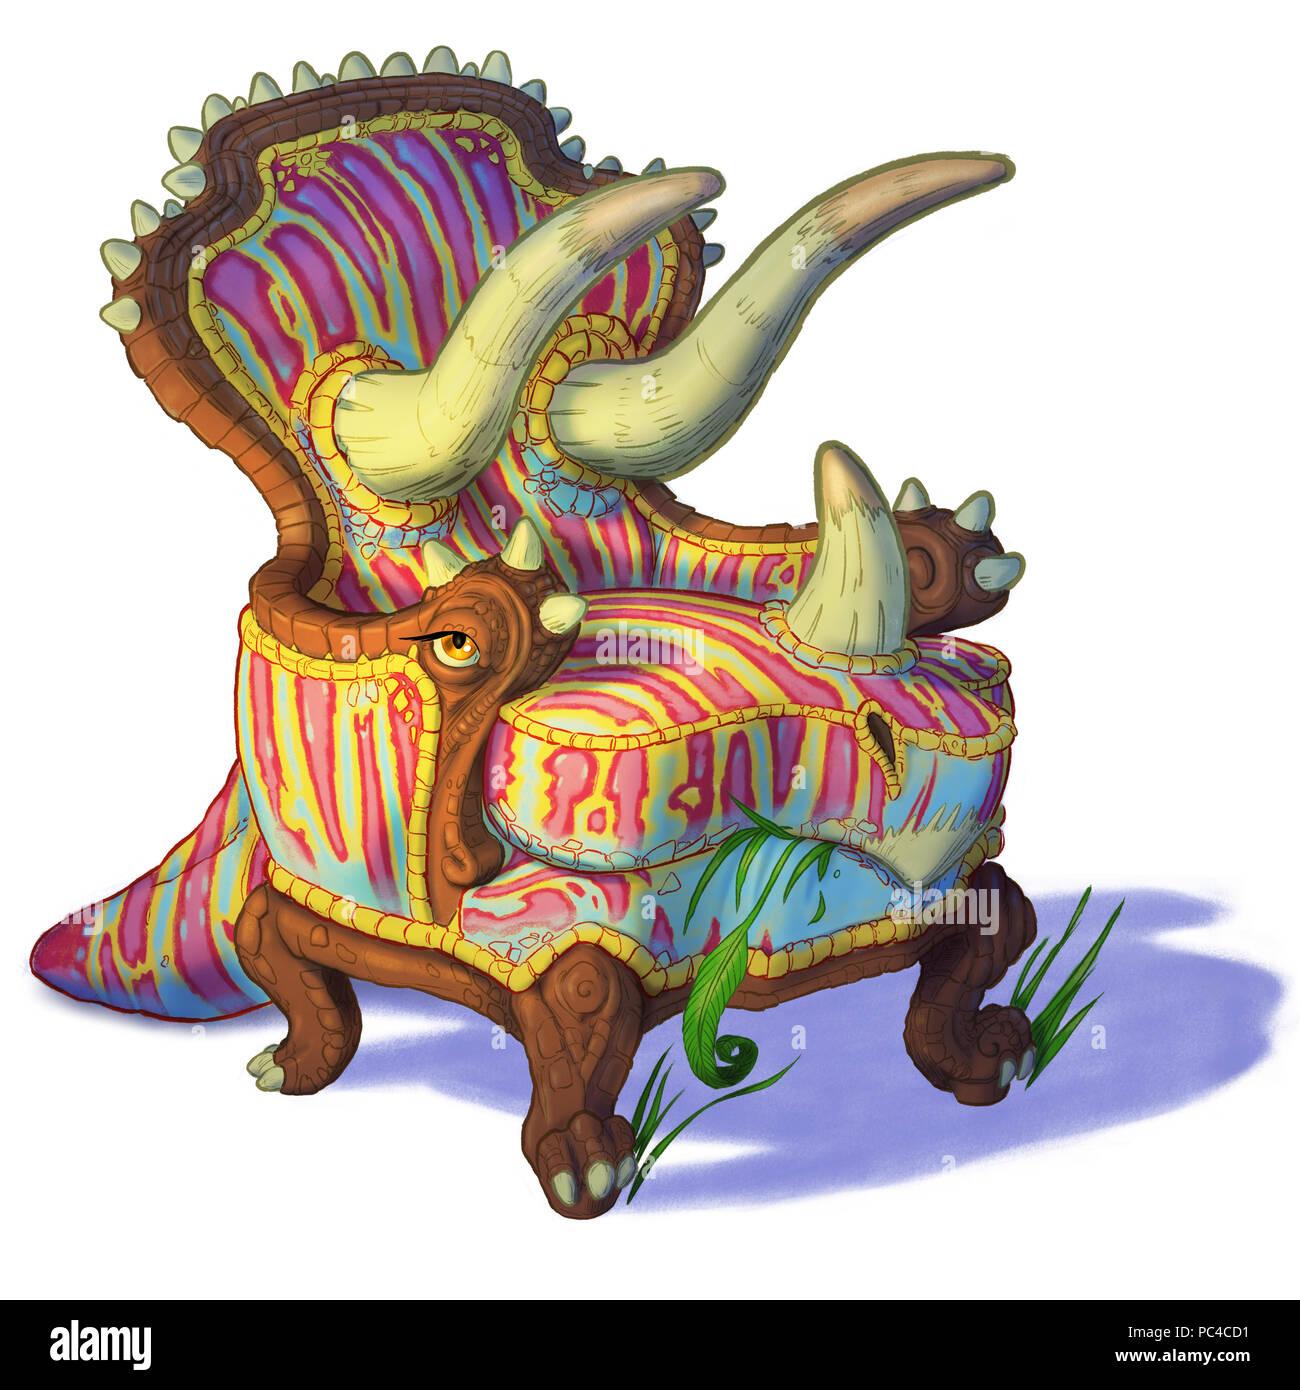 Cartoon clip art illustration d'un dinosaure triceratops combinée avec un fauteuil ou un fauteuil. Aussi connu comme Trichairatops. Photo Stock